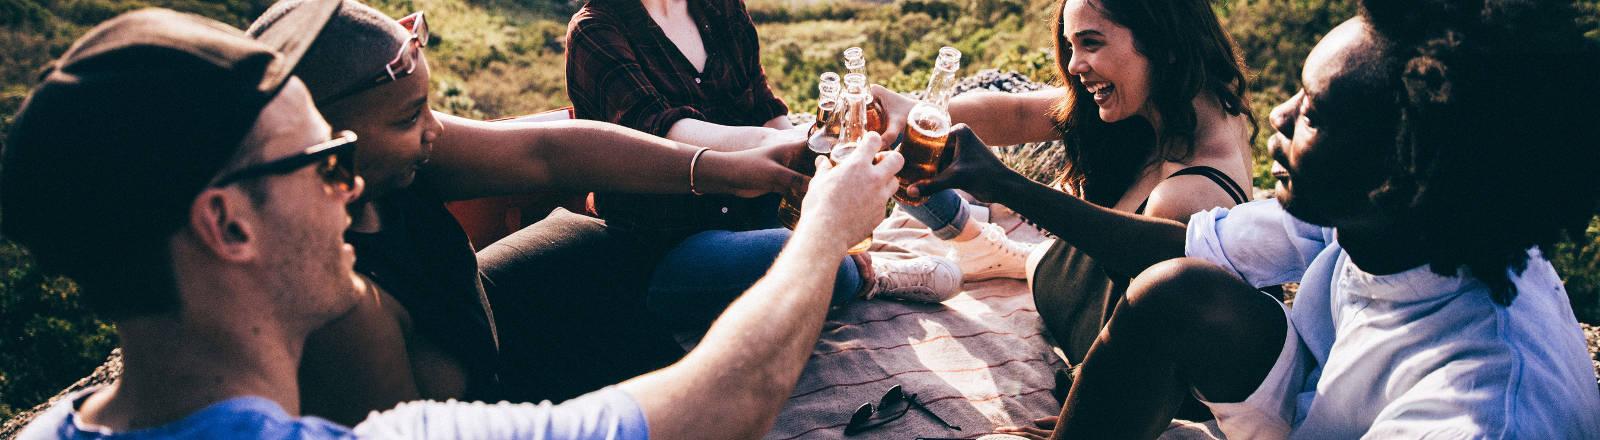 Eine Gruppe von Menschen trinkt Bier